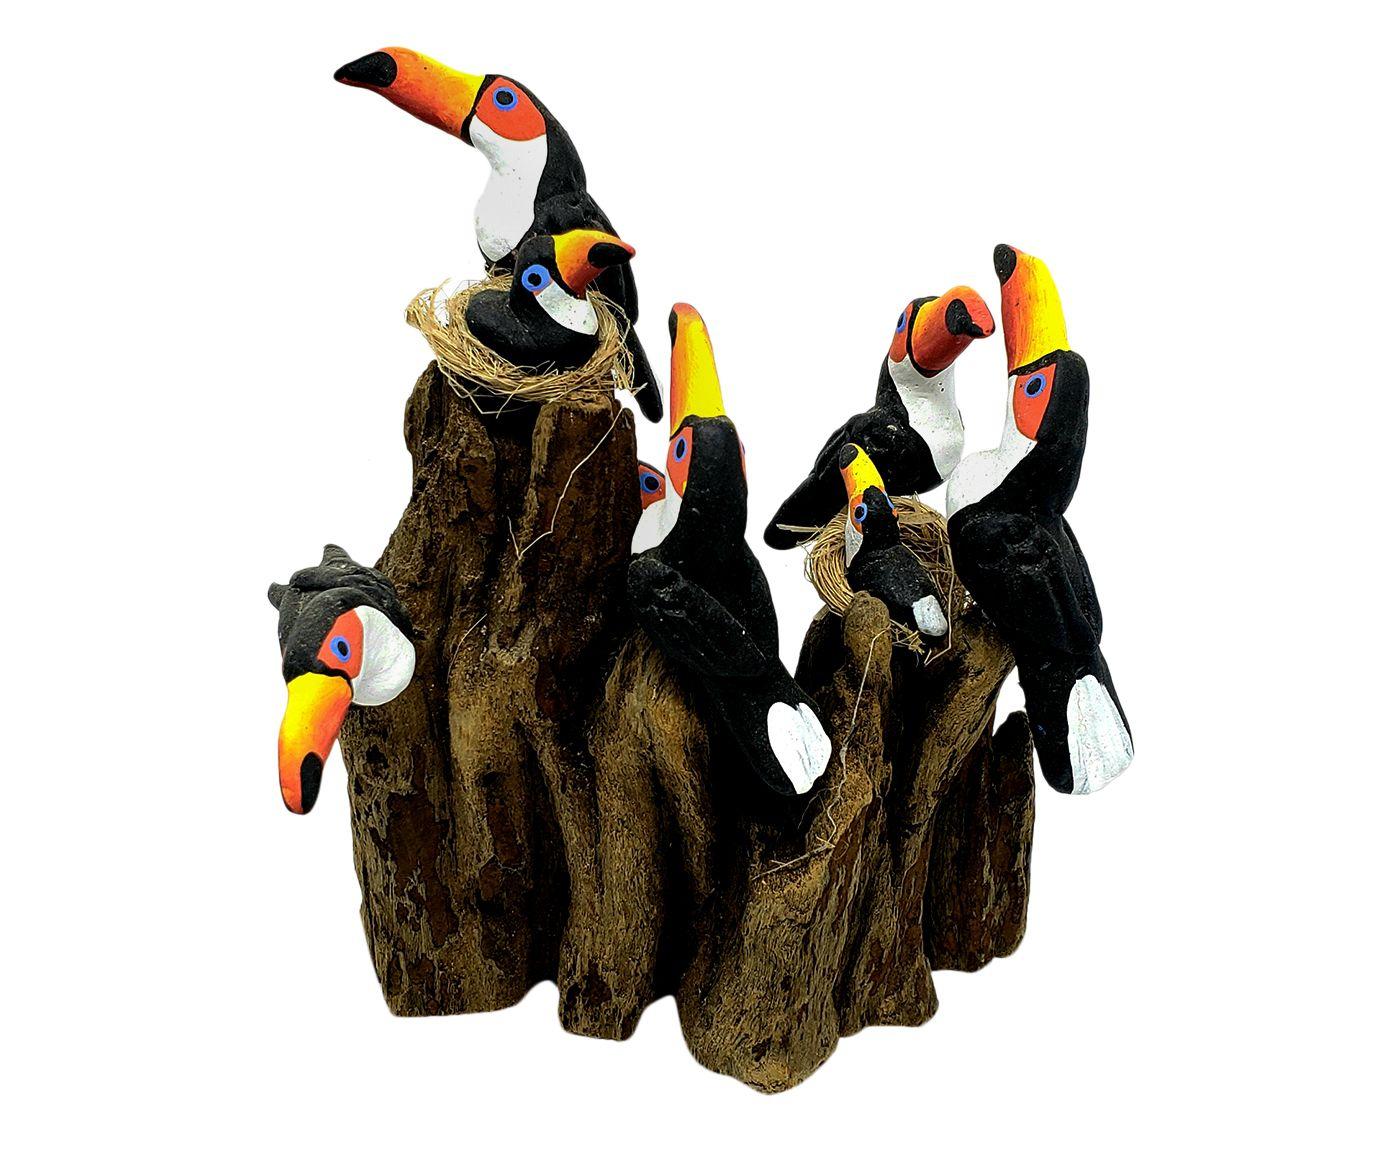 Adorno Pássaros No Tronco Seis Tucanos | Westwing.com.br